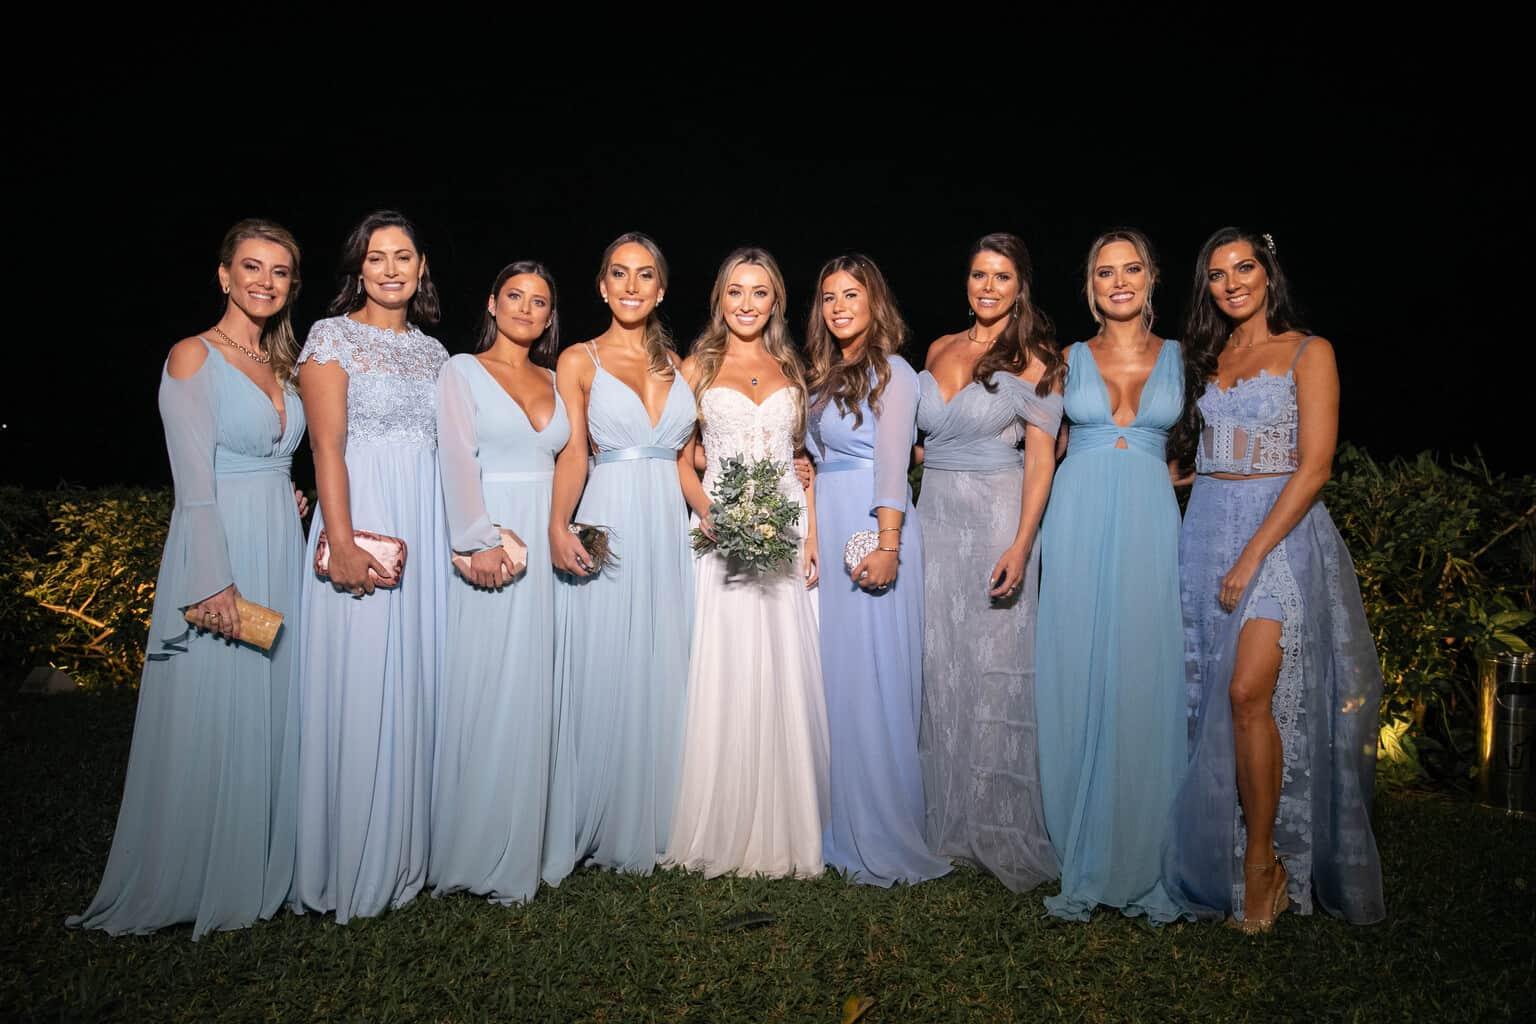 Casamento-Heloisa-e-Eduardo-Bolsonaro-cerimonial-Márcia-Santiago-foto-da-familia-Fotografia-Davi-Nascimento-madrinhas52